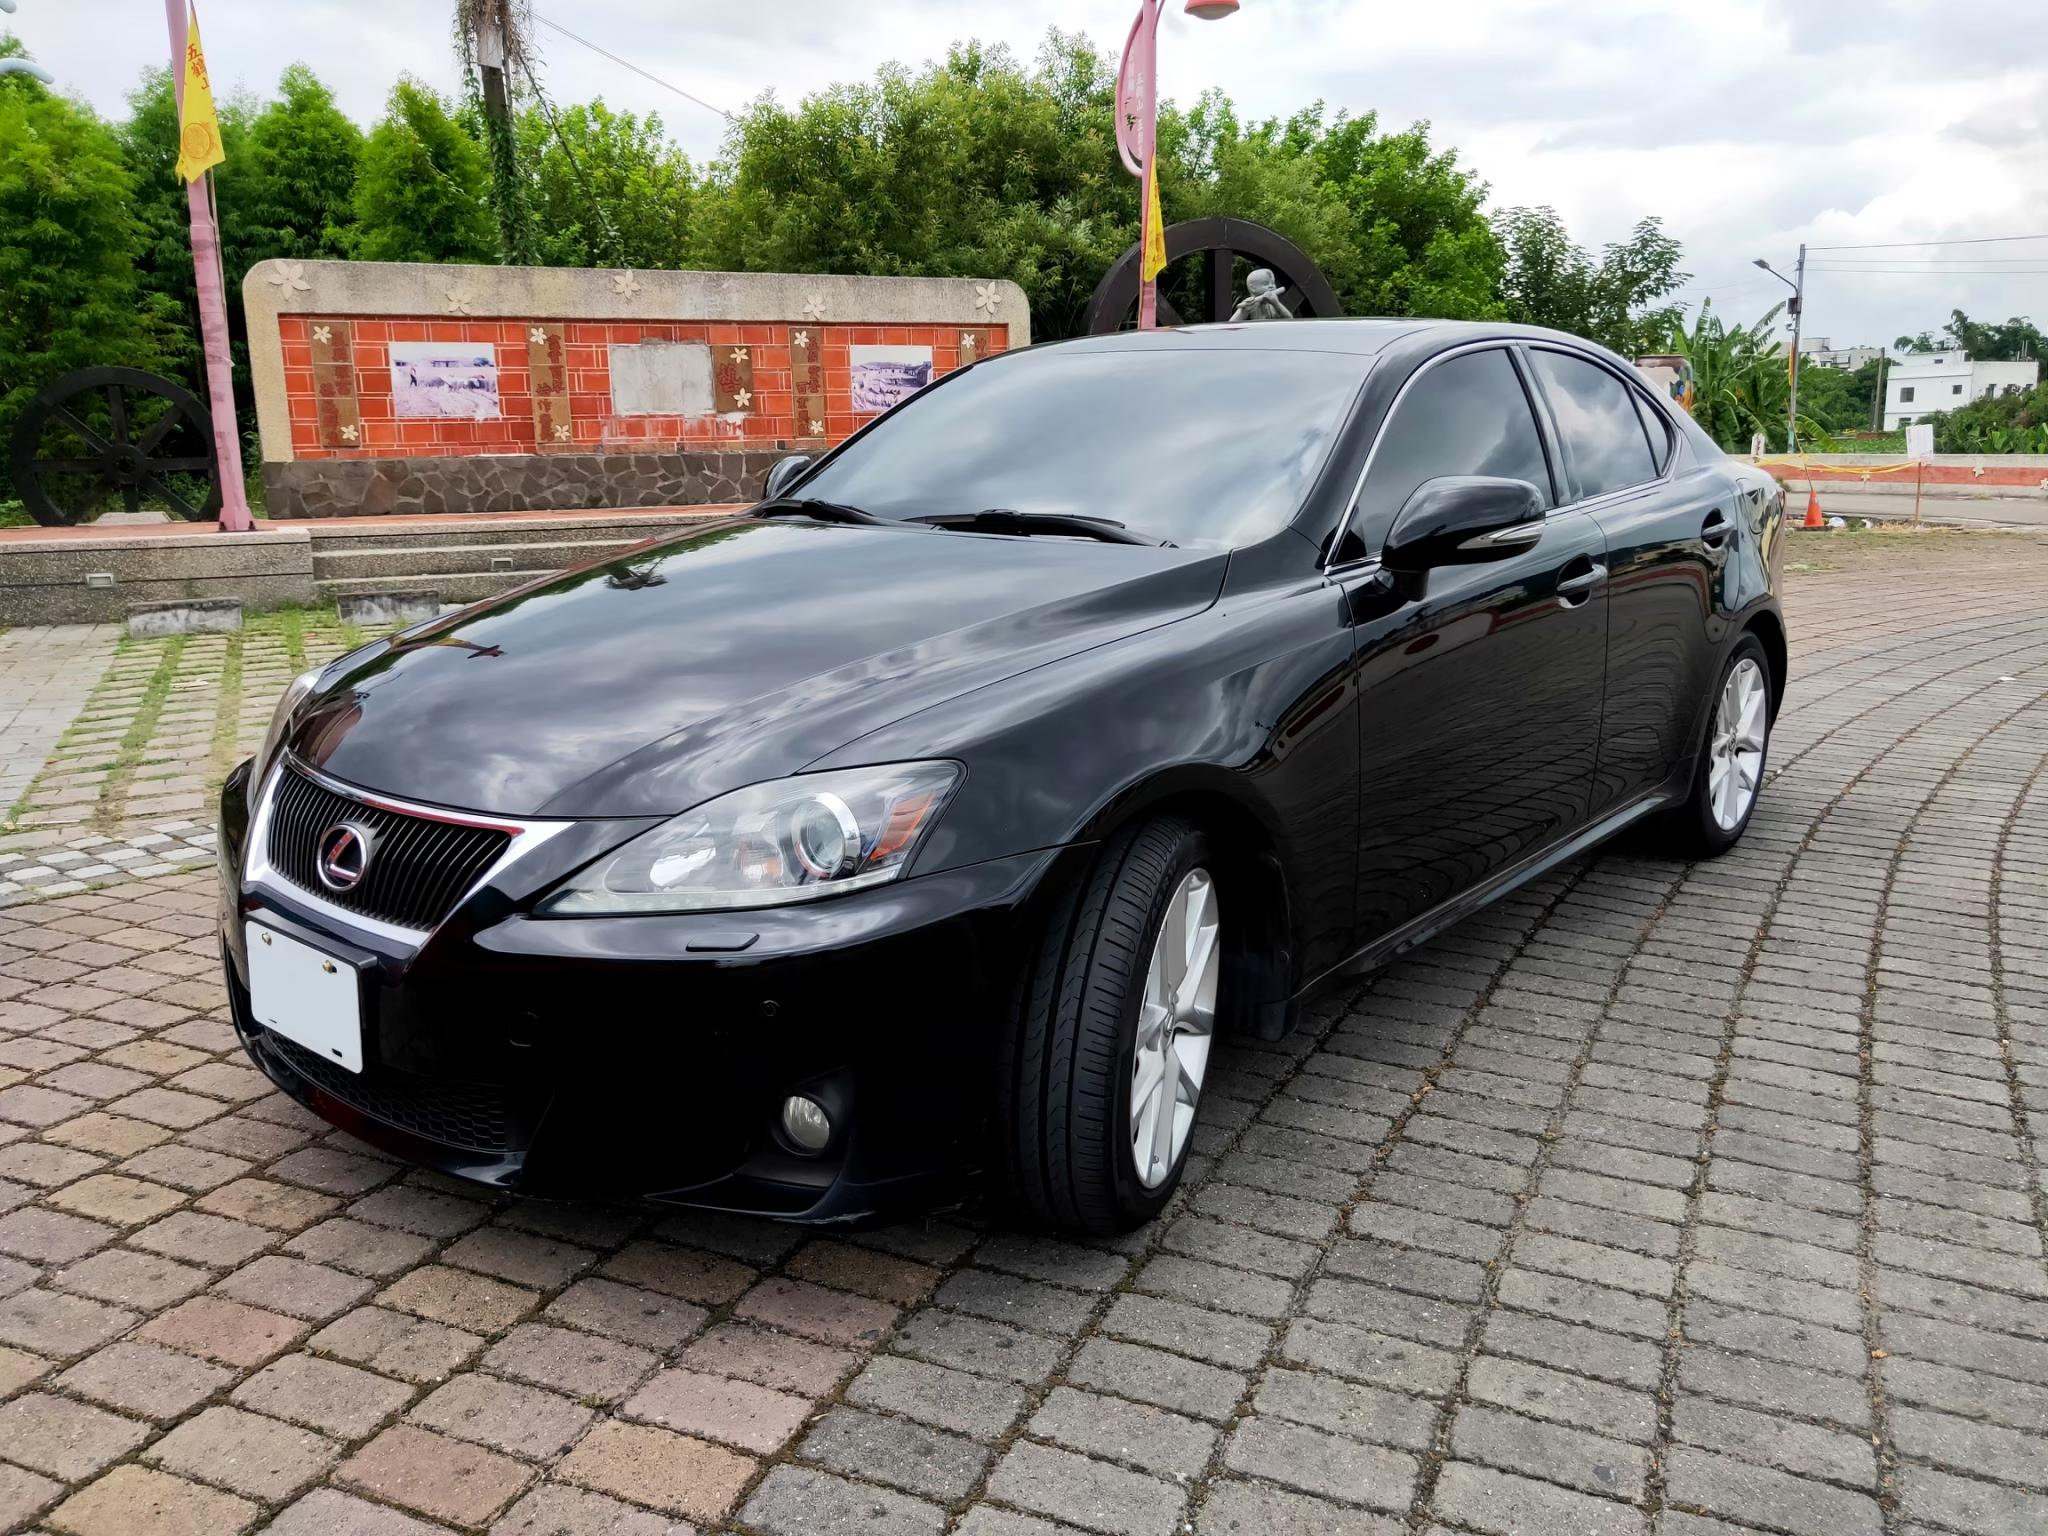 2012 Lexus 凌志 Is